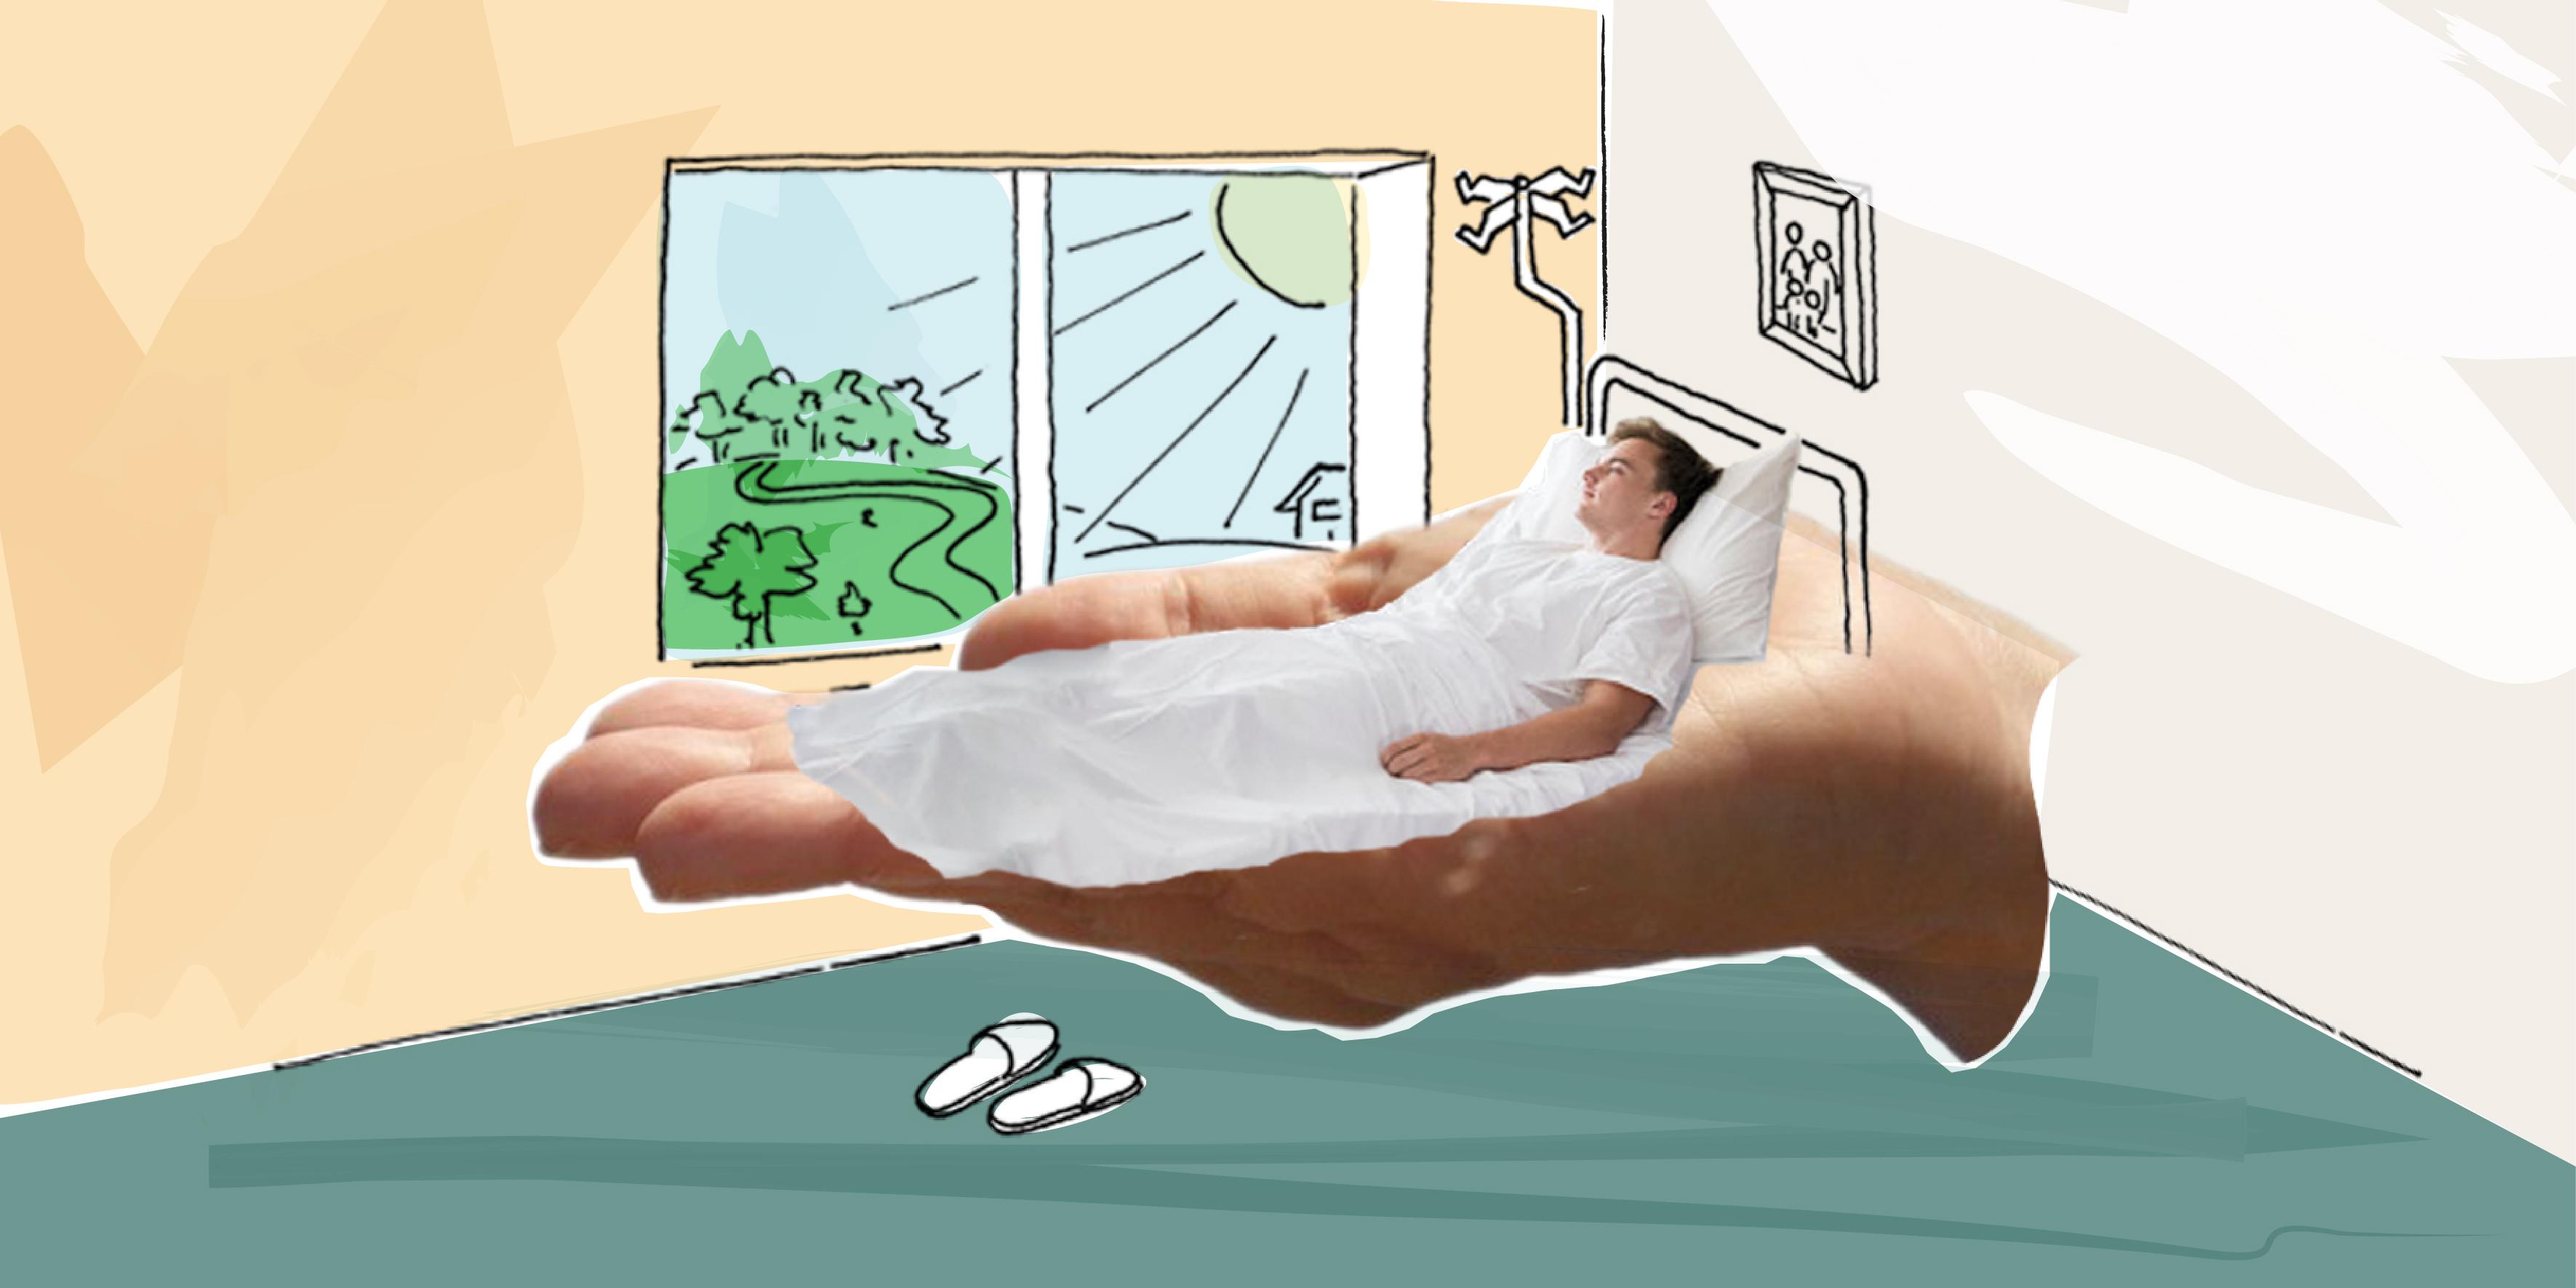 Weiße Decke Endloser Gang Die Besonderen Anforderungen An Die